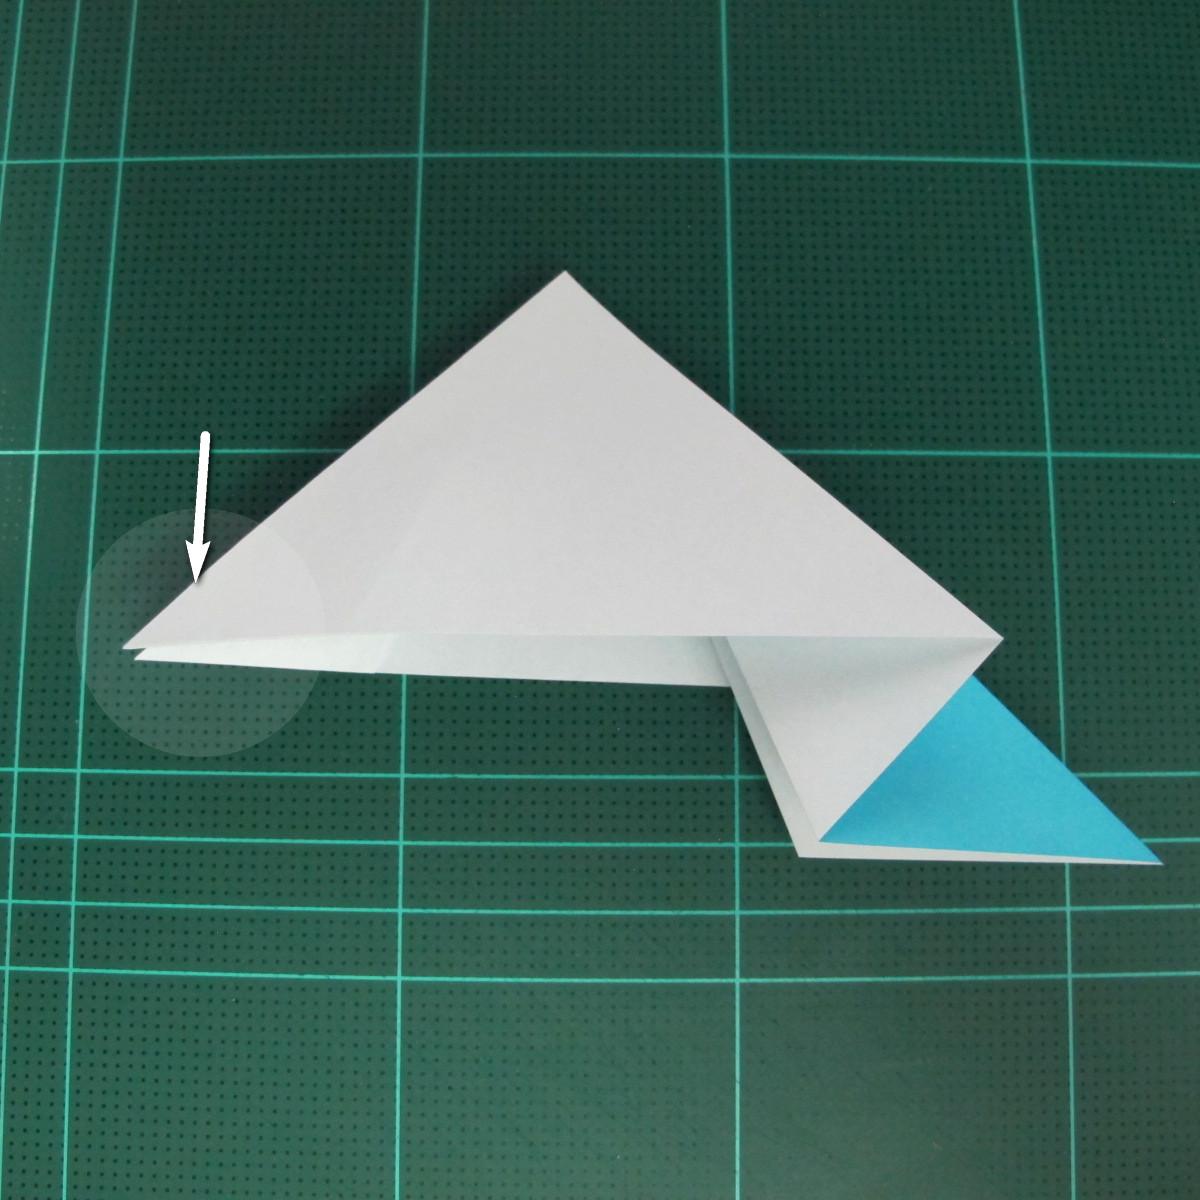 การพับกระดาษเป็นรูปตัวเม่นแคระ (Origami Hedgehog) 025